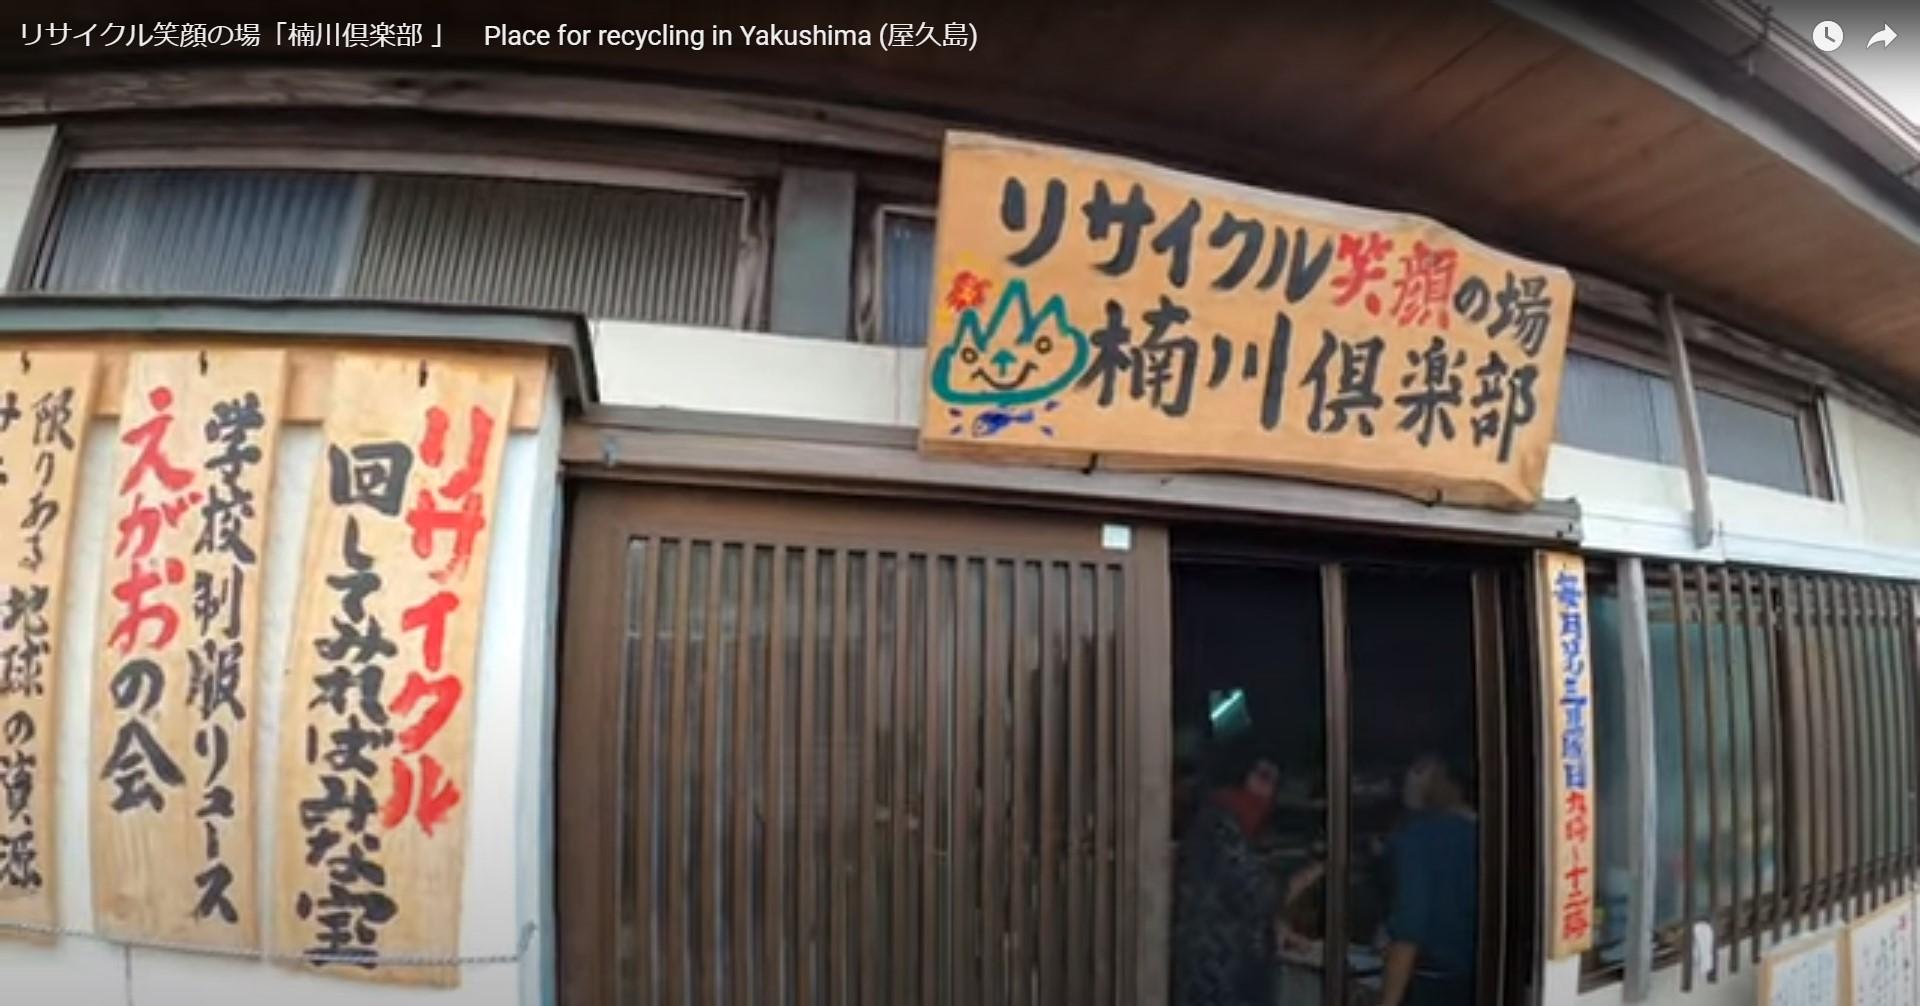 リサイクル笑顔の場「楠川倶楽部 」 Place for recycling in Yakushima